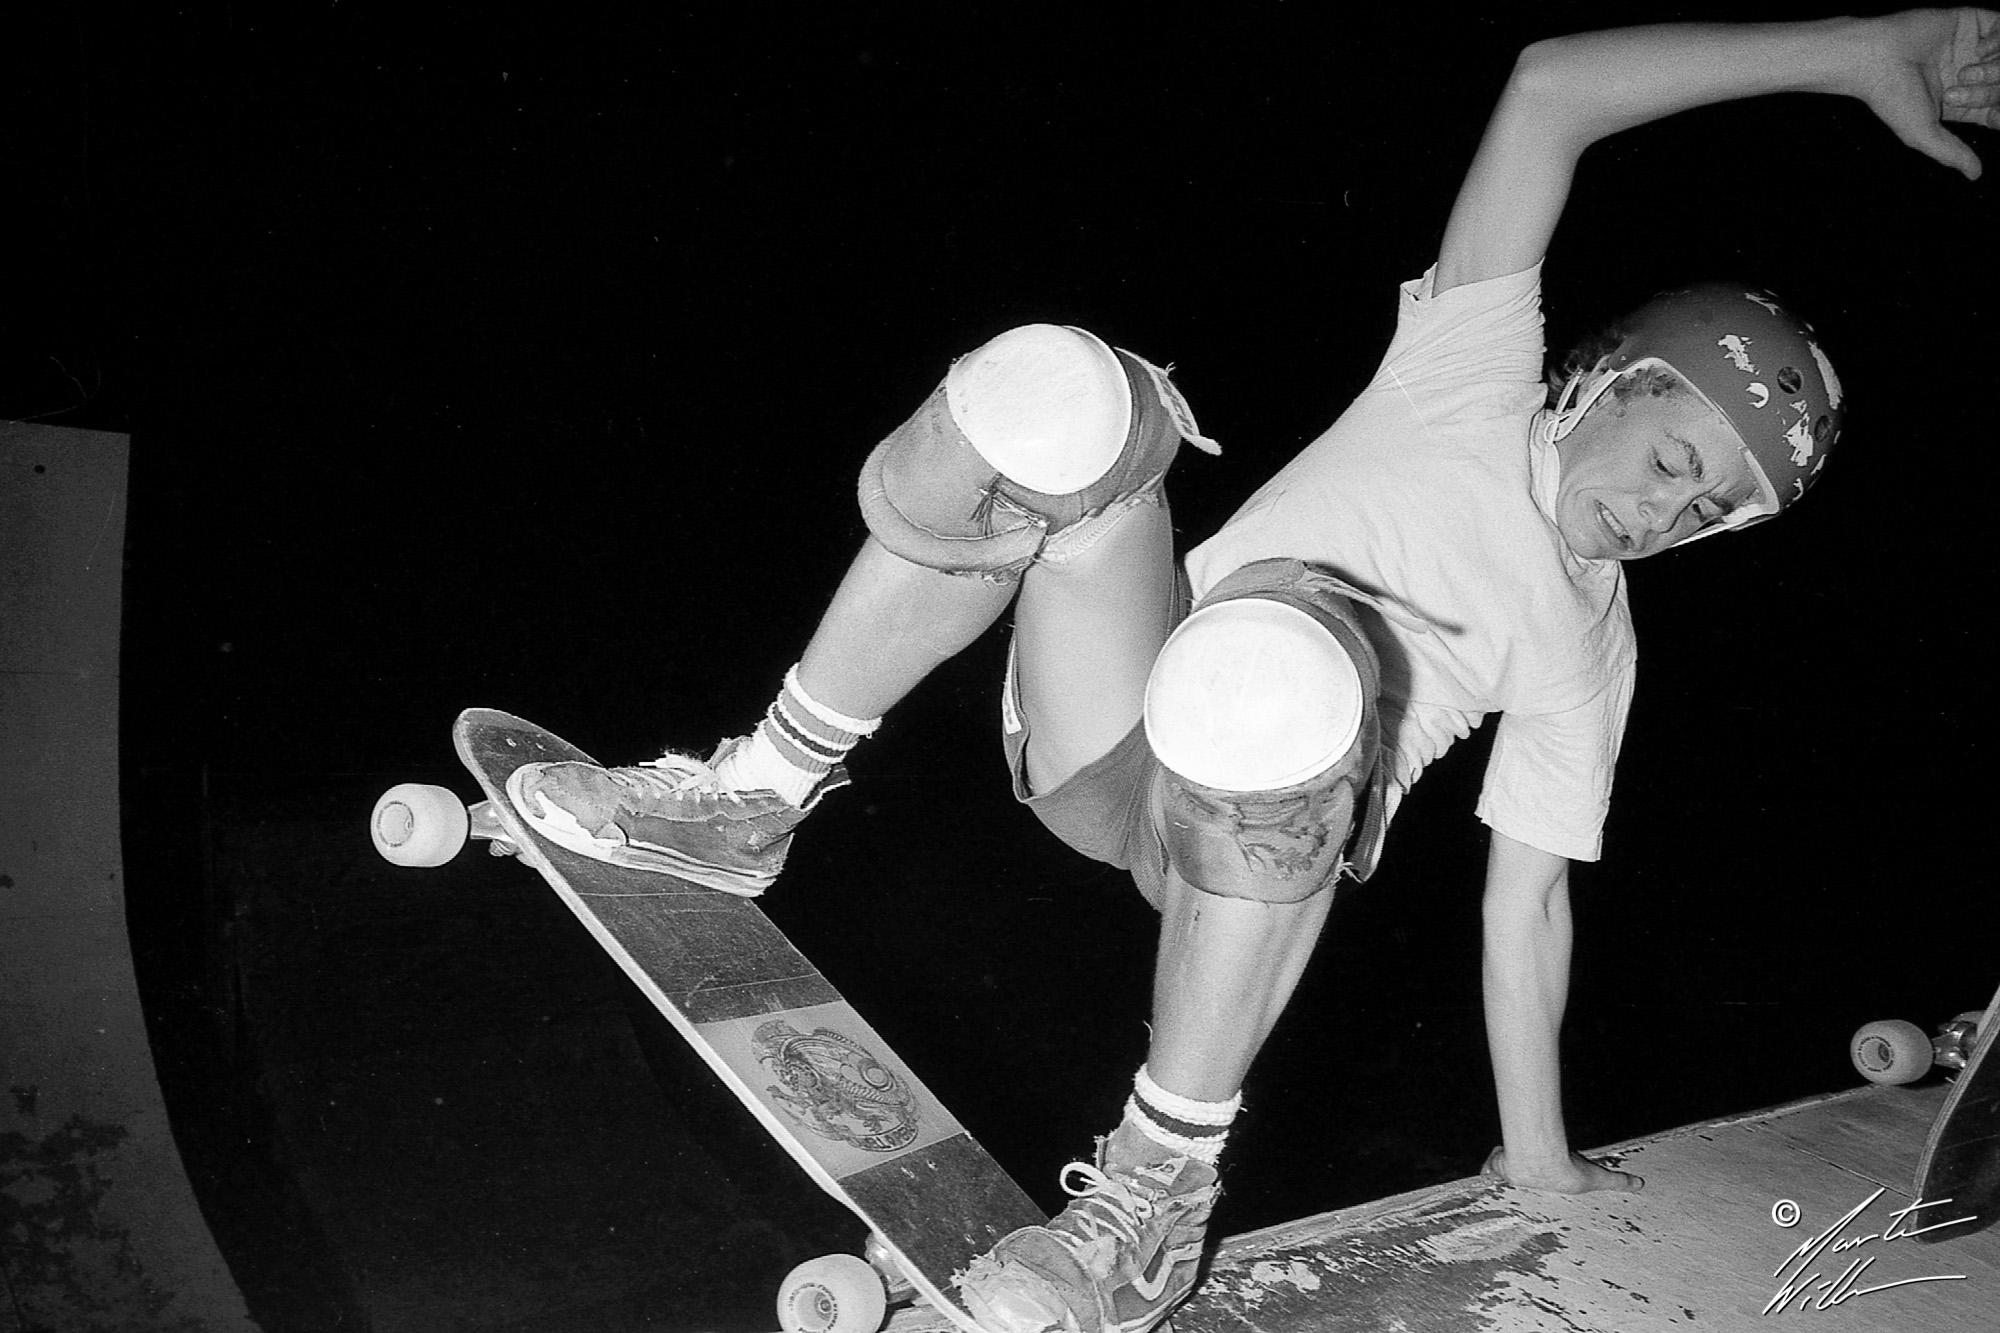 Nicke Hallgren, Layback,  Huskvarna Folkets park, 1981